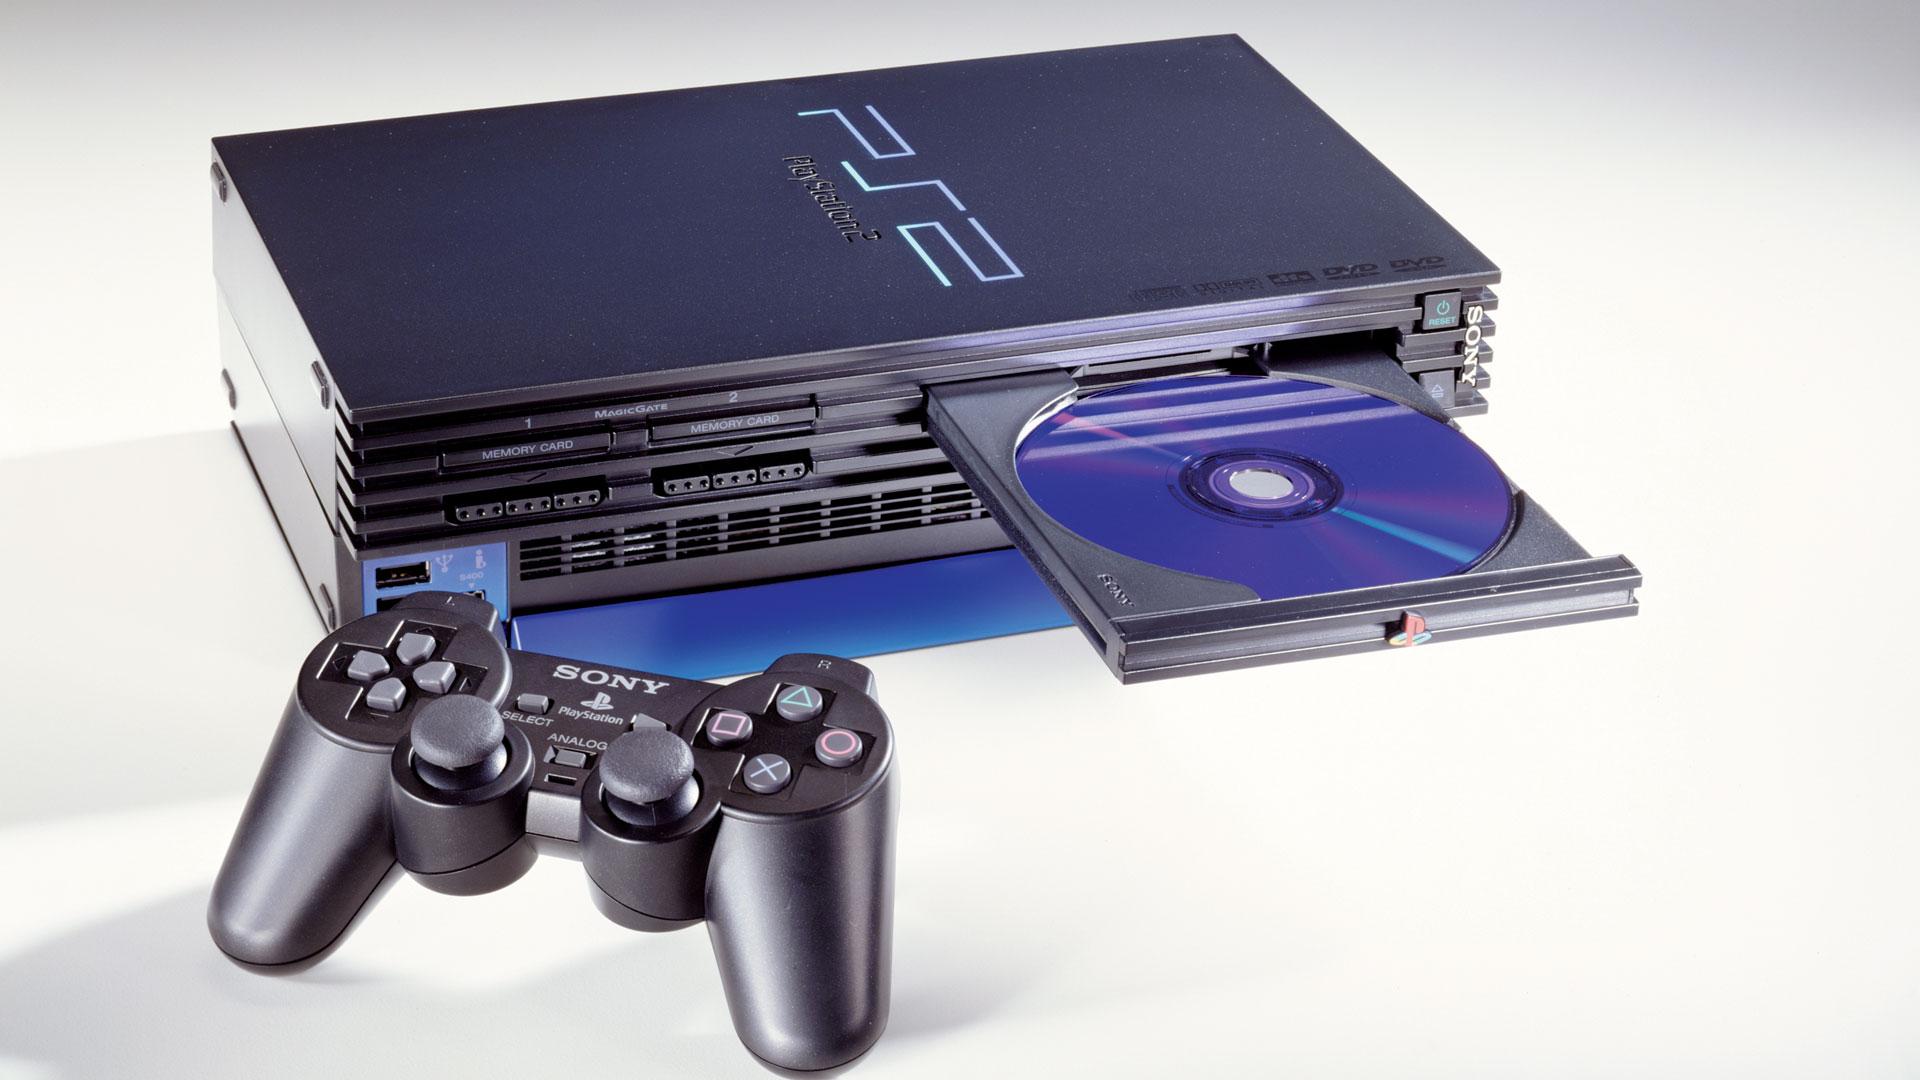 Die PlayStation 2 mit DVD-Fach und Controller